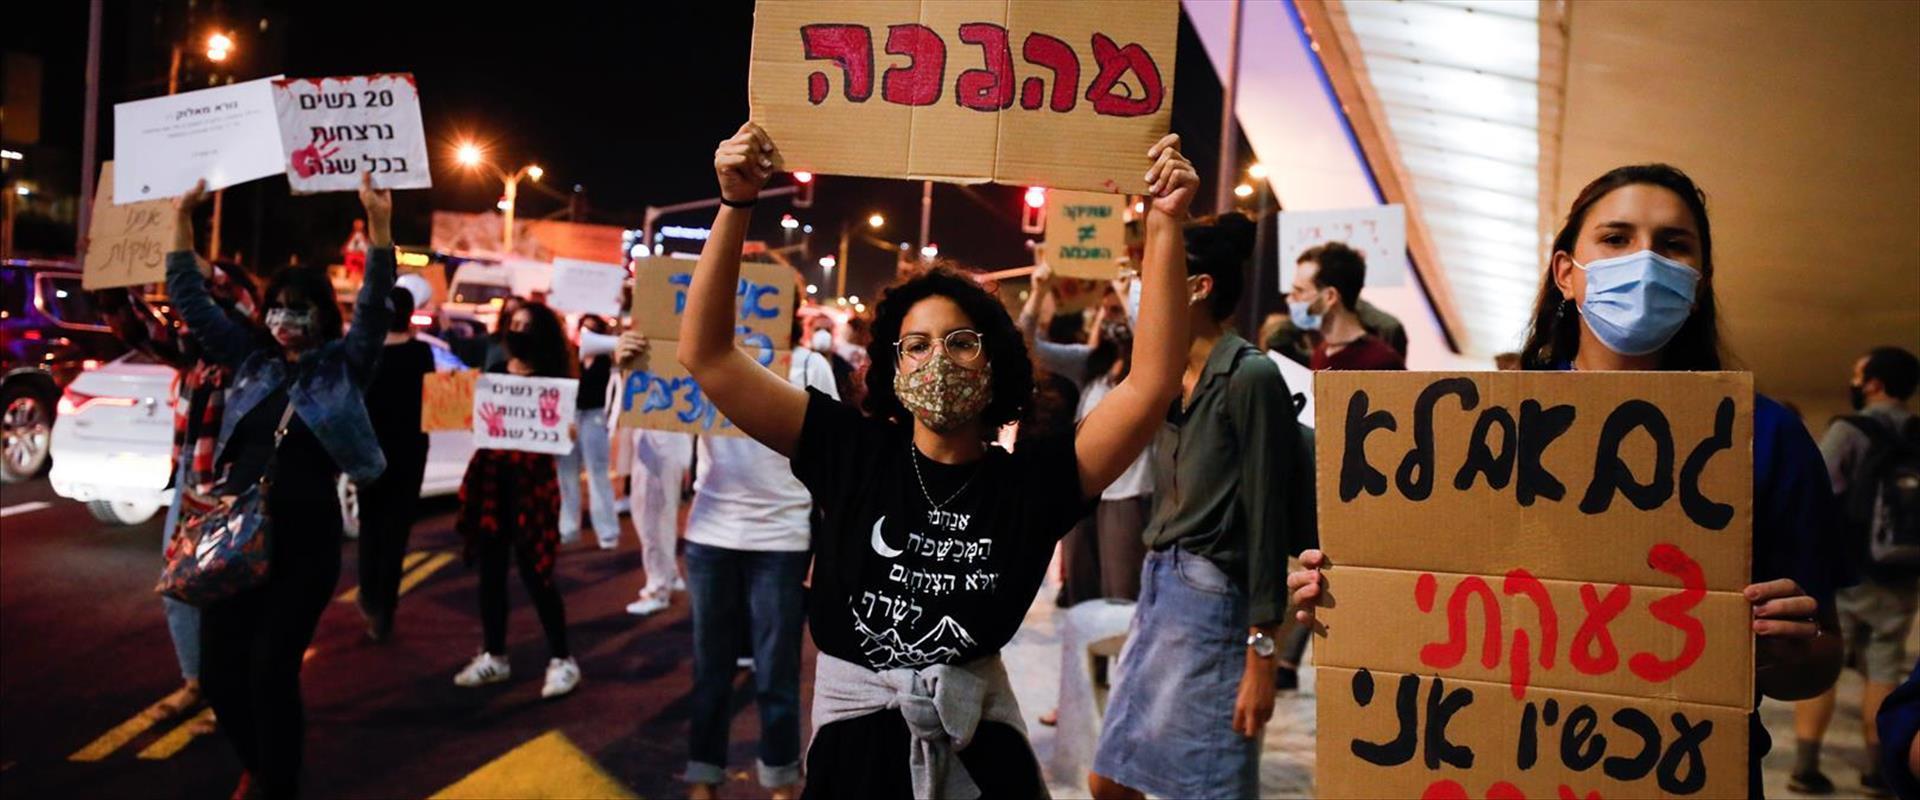 הפגנה נגד אלימות נשים בירושלים, אוק' 2020